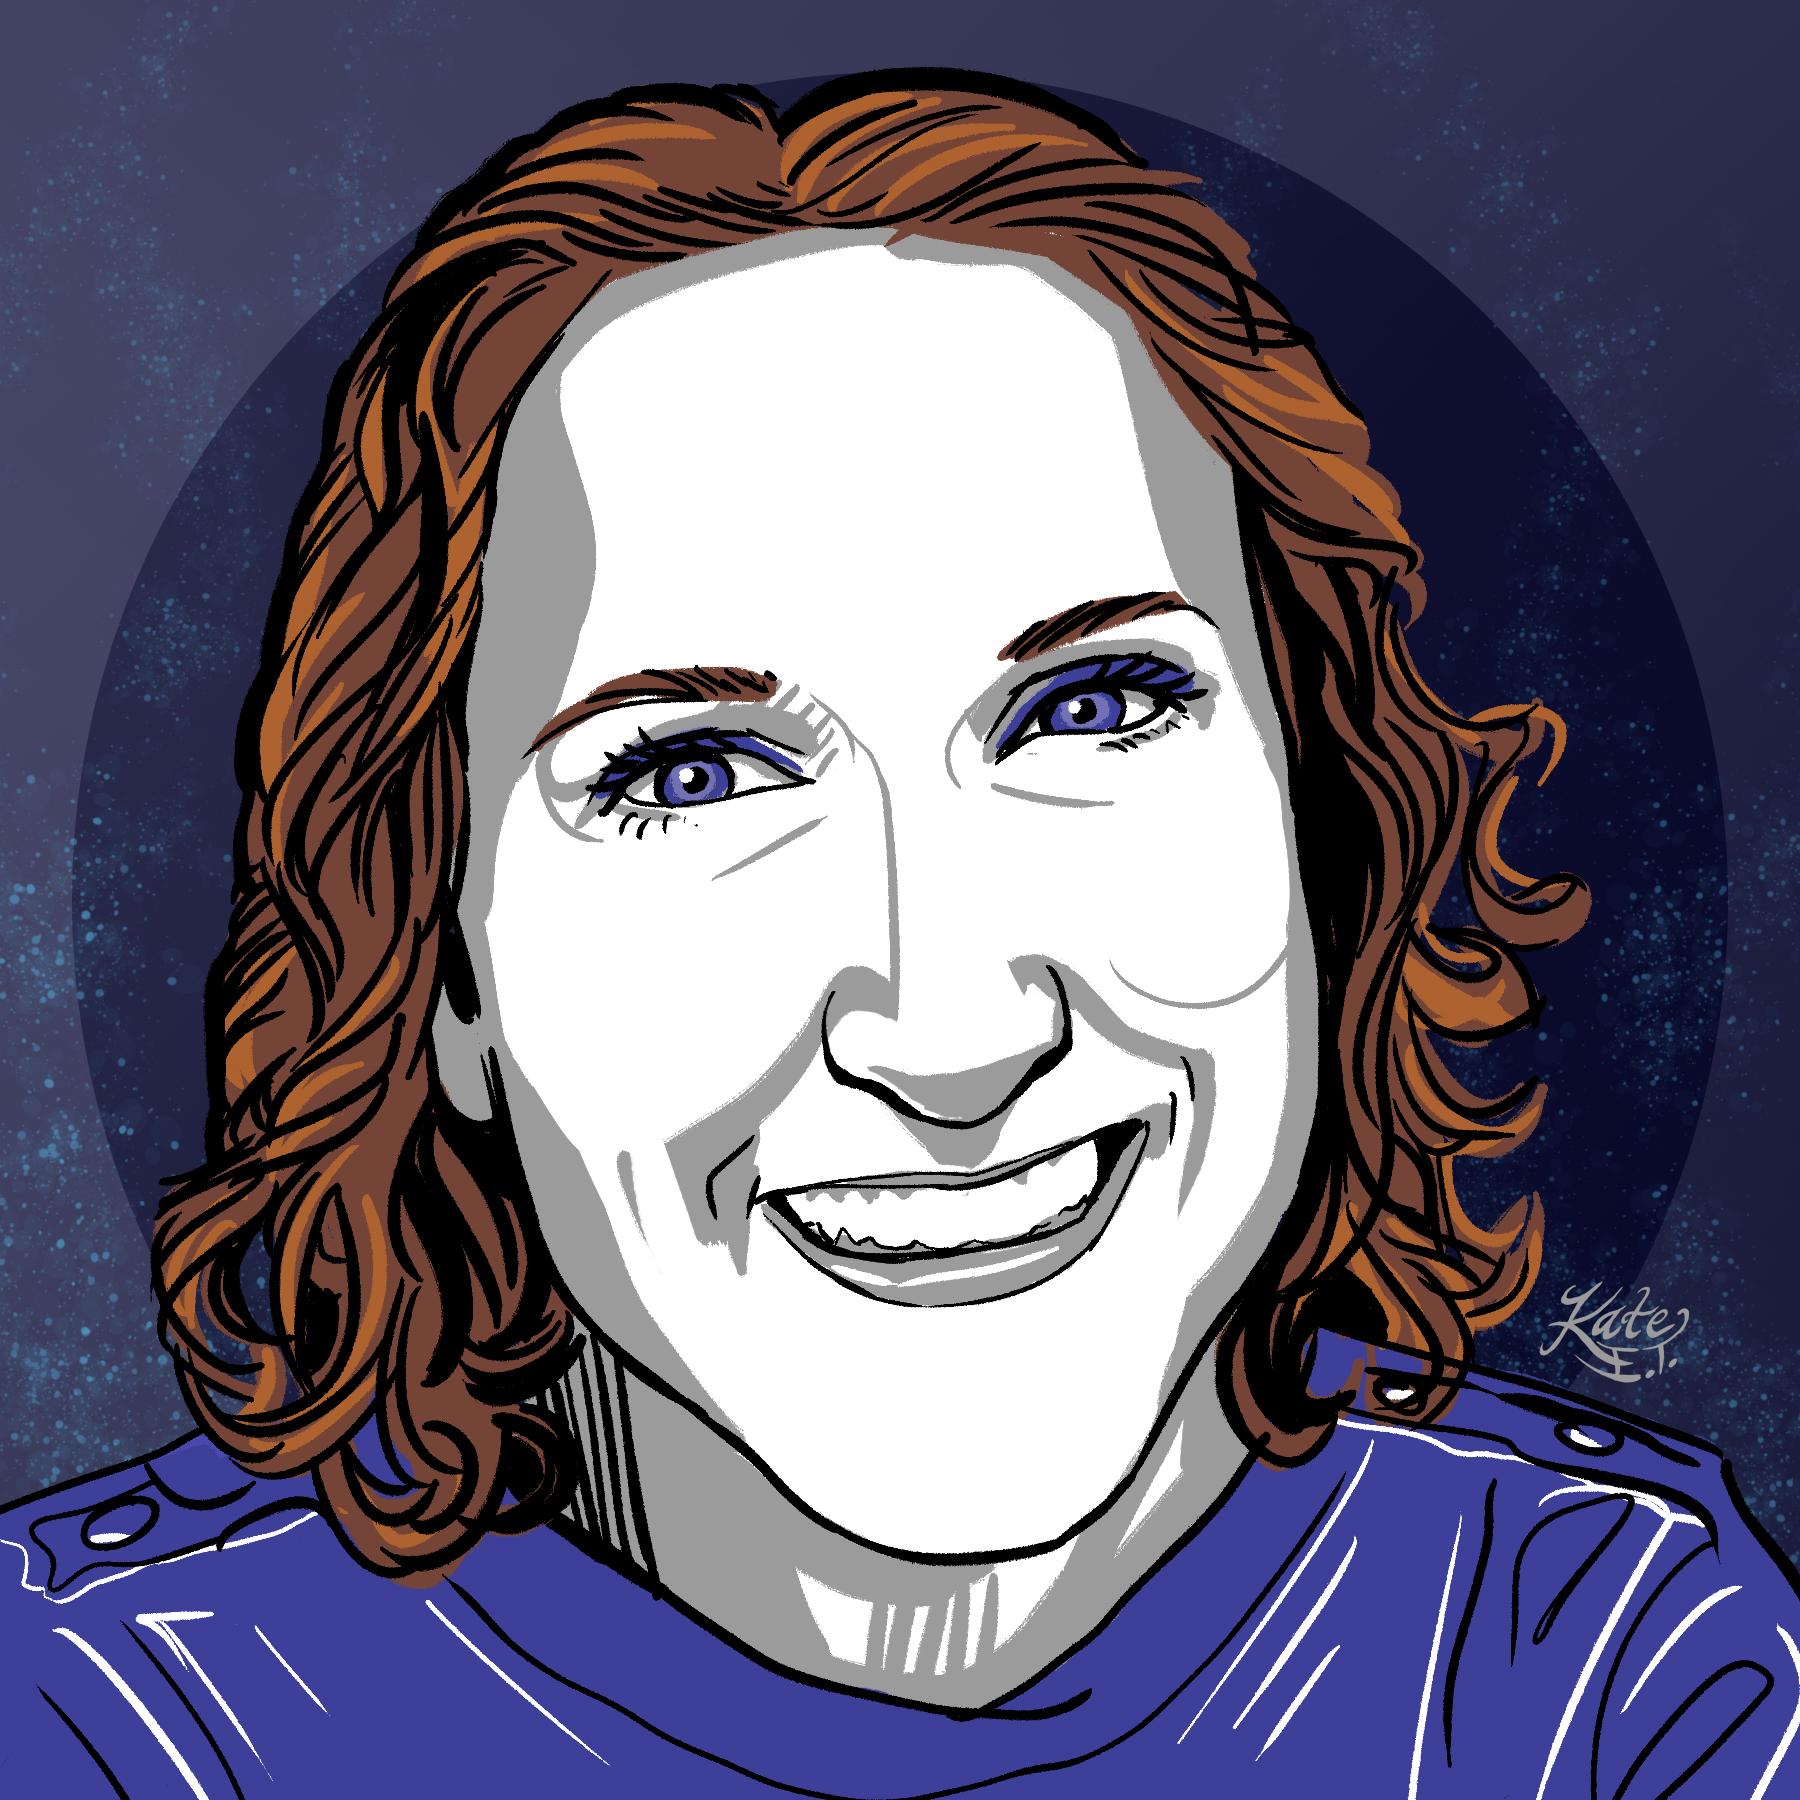 Alison Cherry (alisoncherrybooks.com)